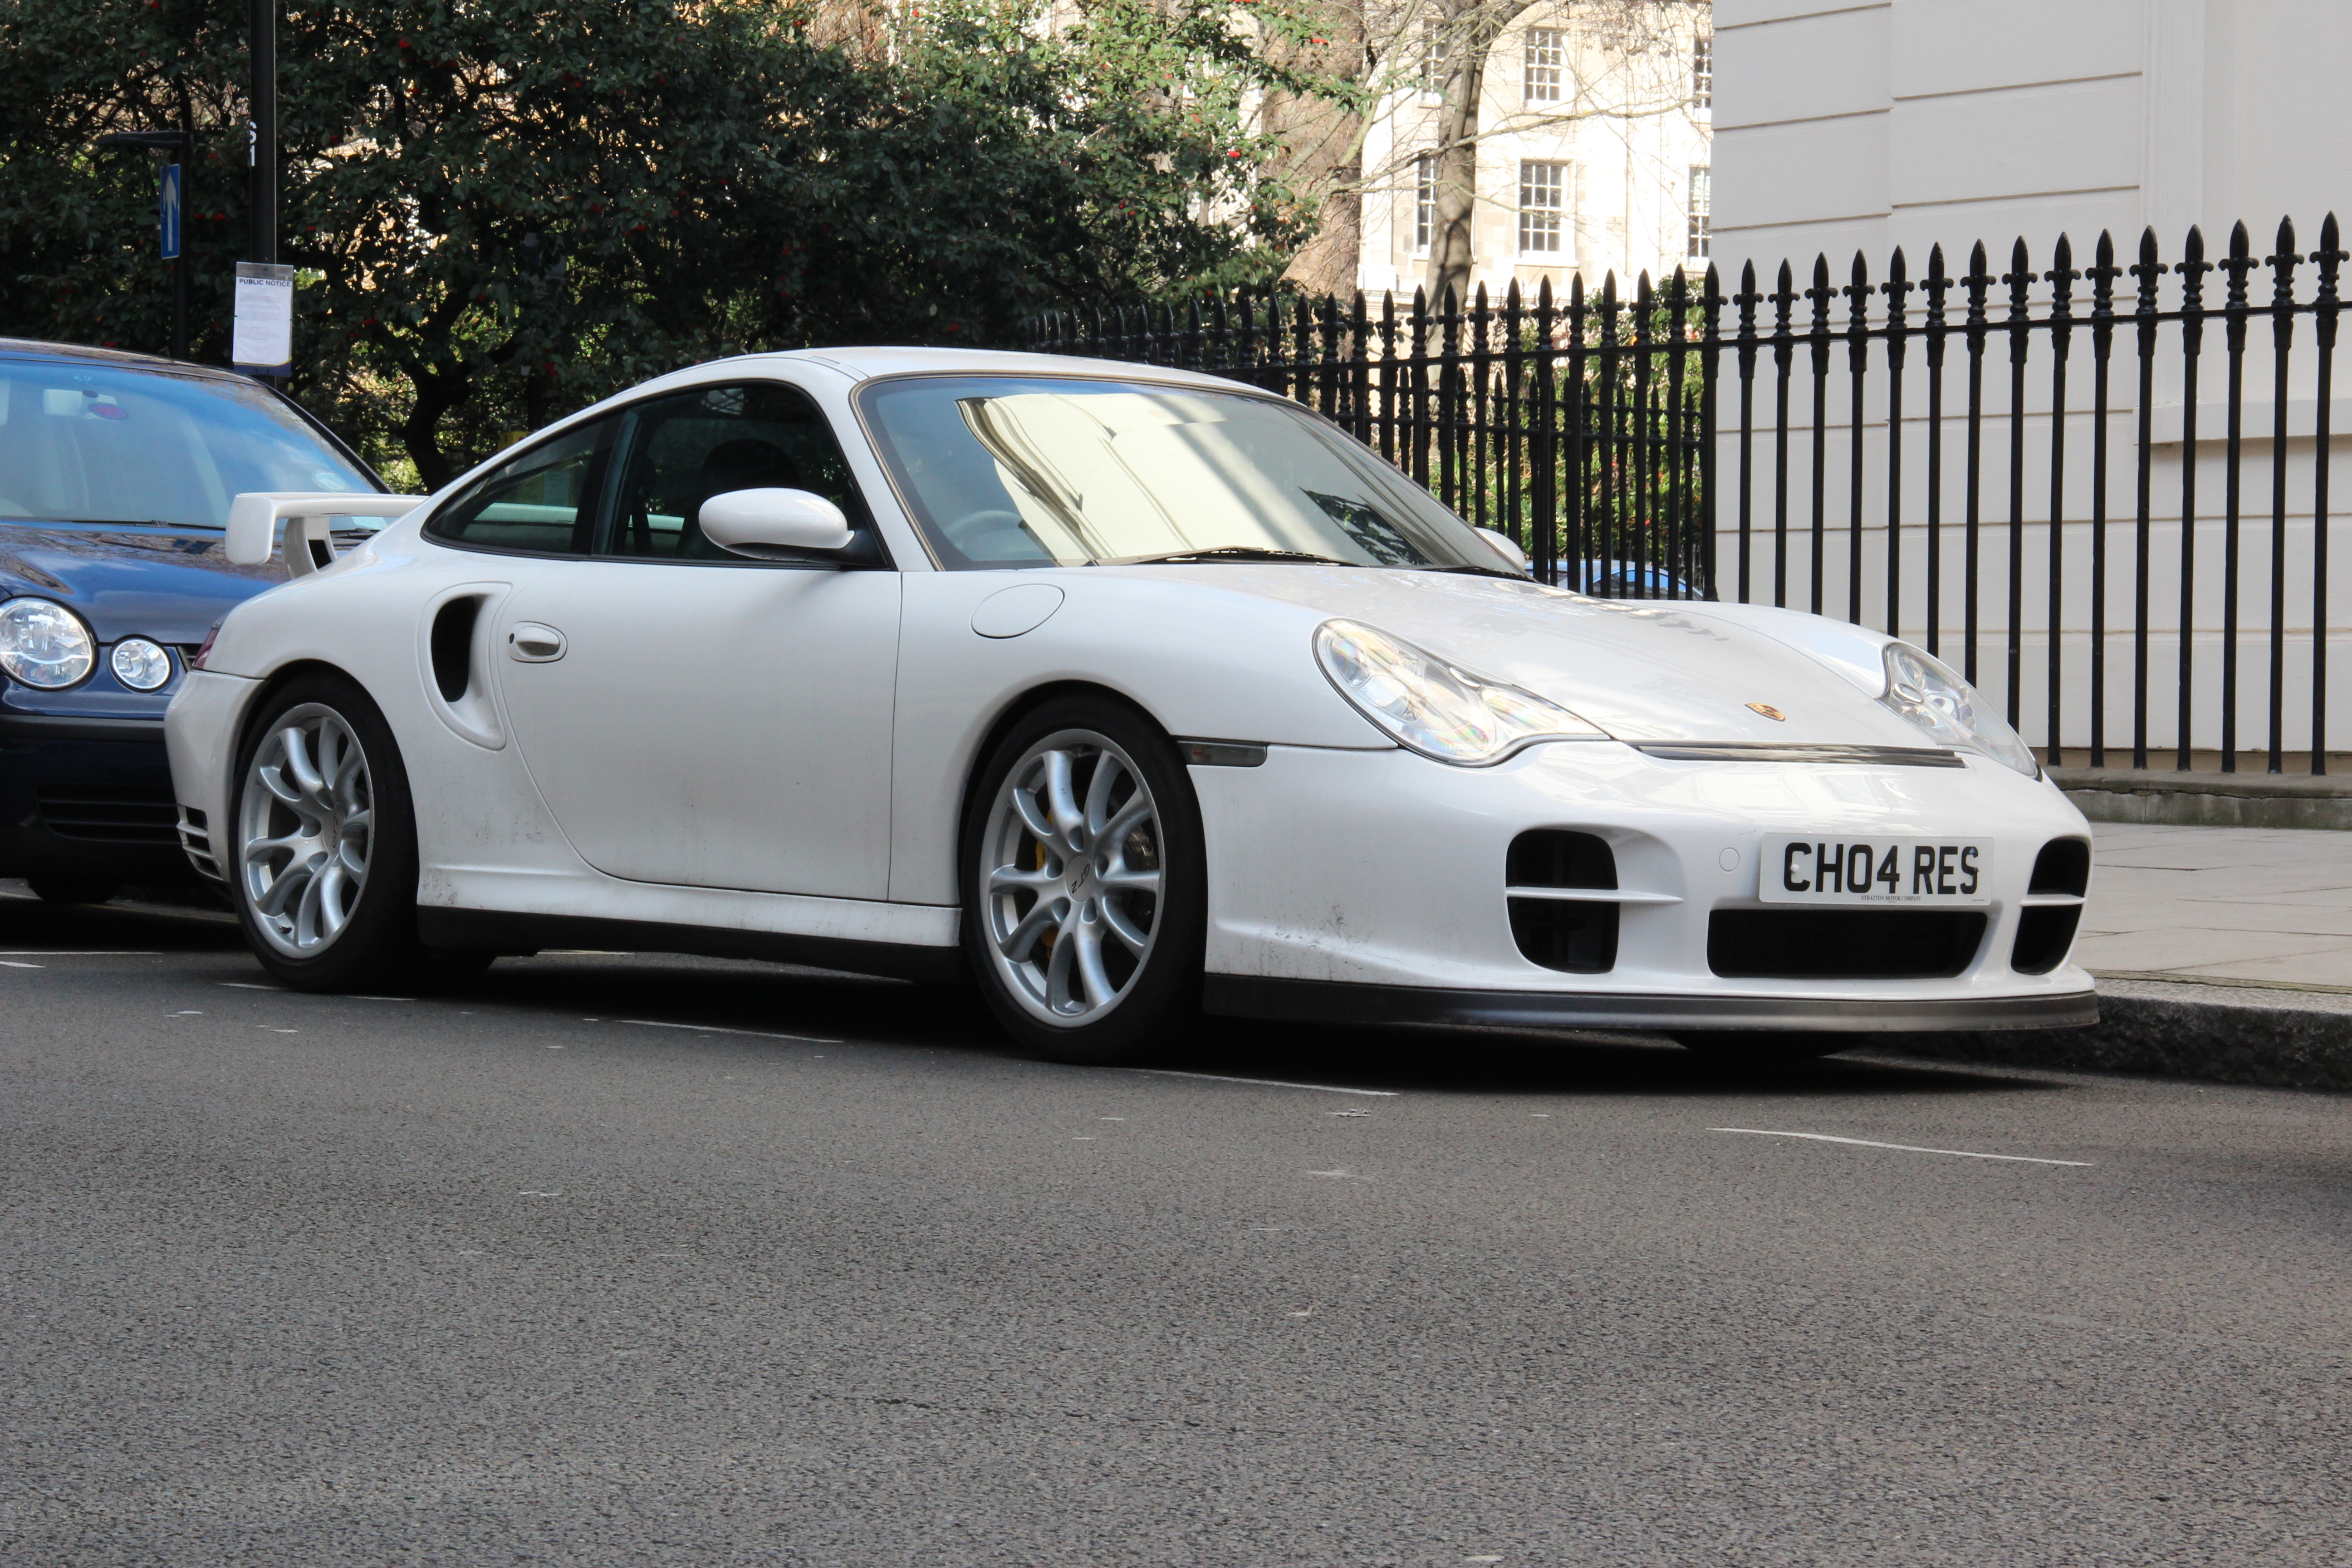 Porsche 996 Turbo >> Porsche 996 Wikipedia